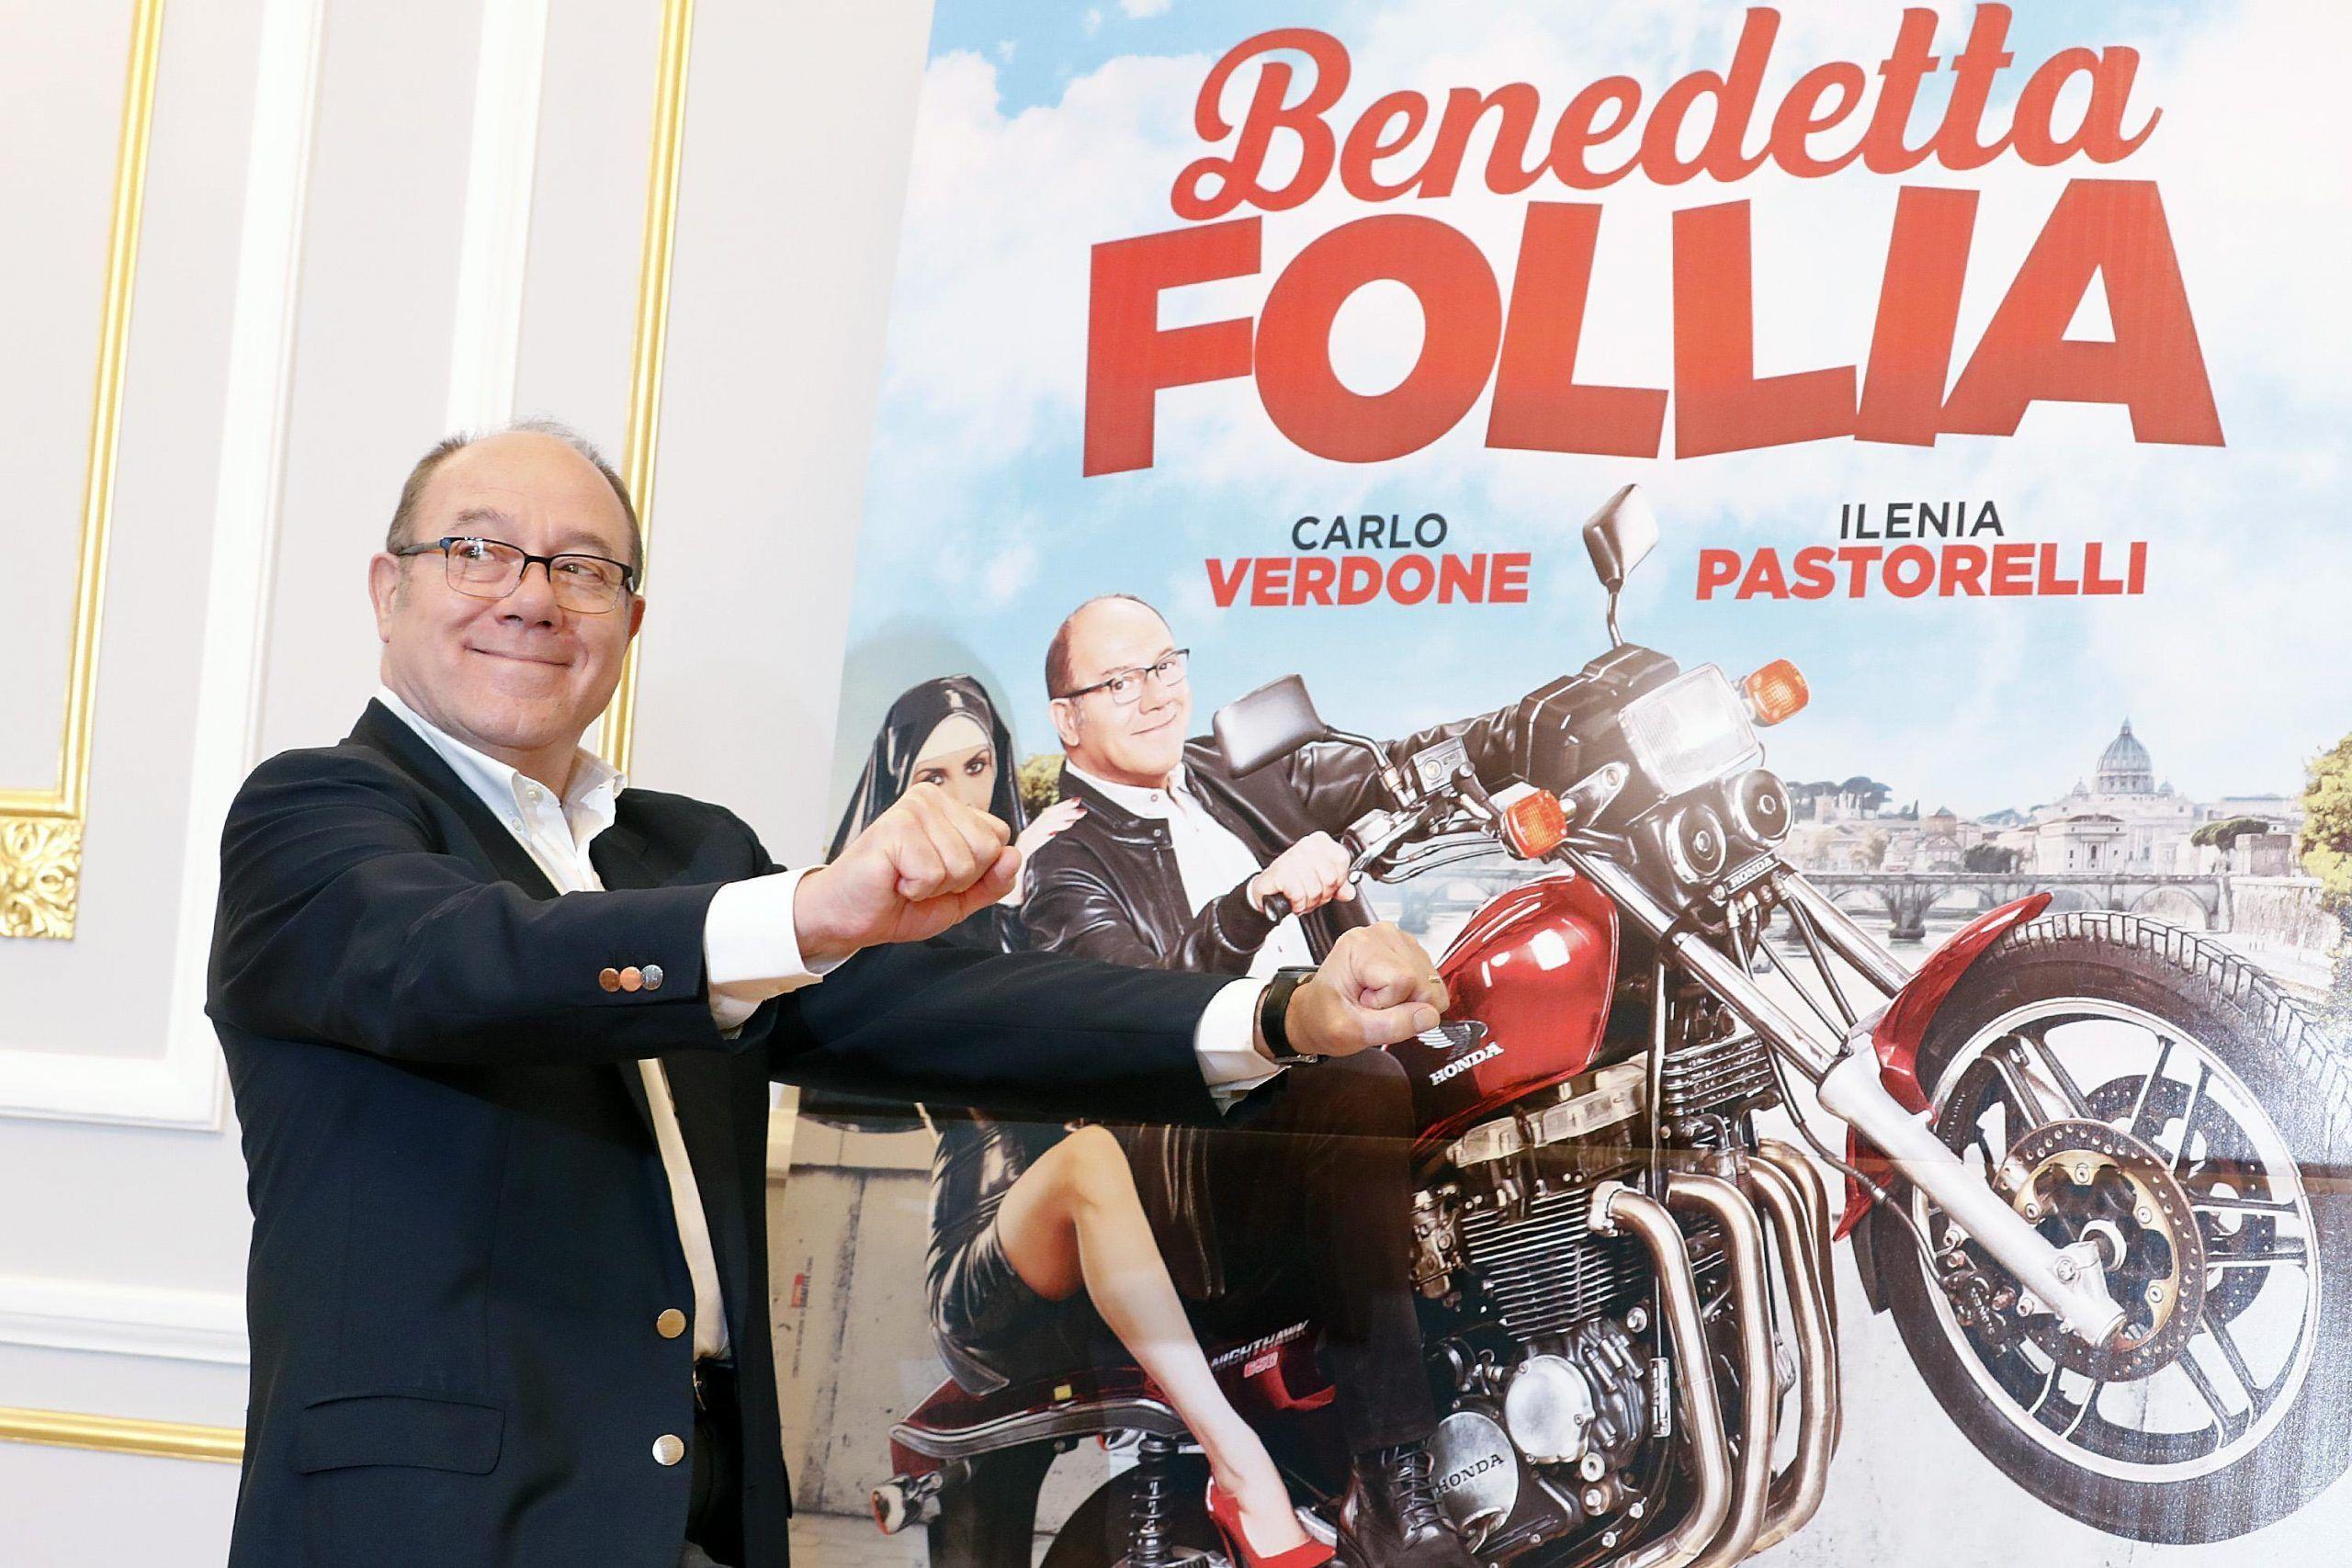 """Carlo Verdone torna al cinema per raccontare la """"Benedetta follia"""" delle donne"""